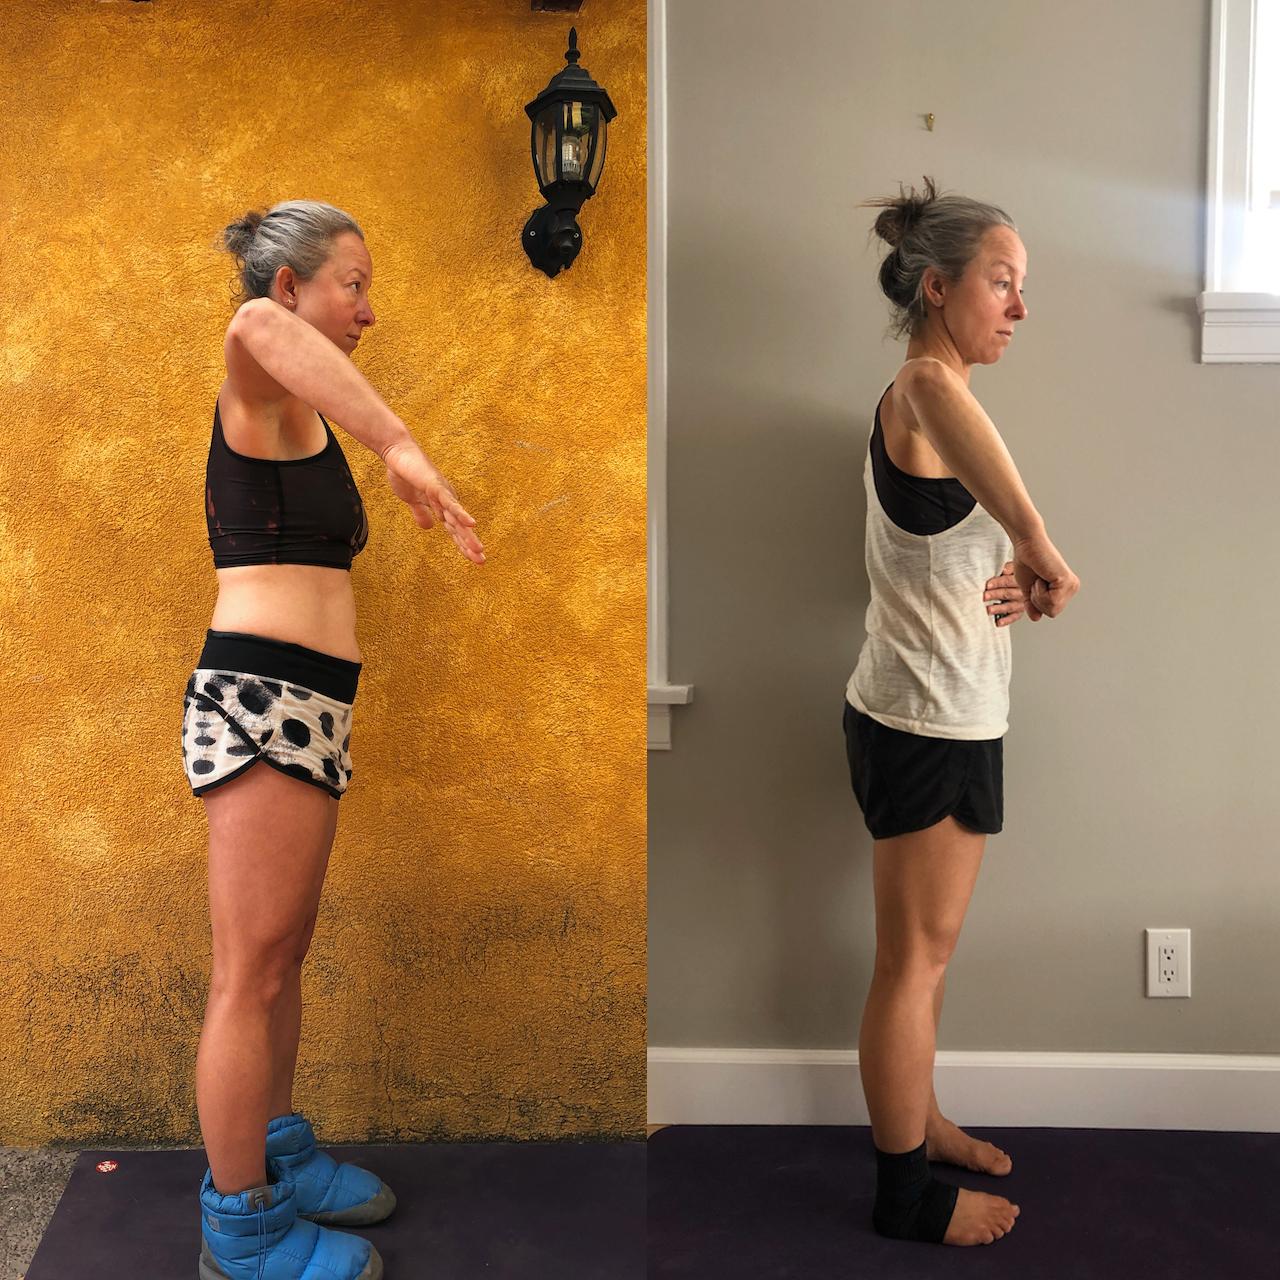 shoulder mobility results